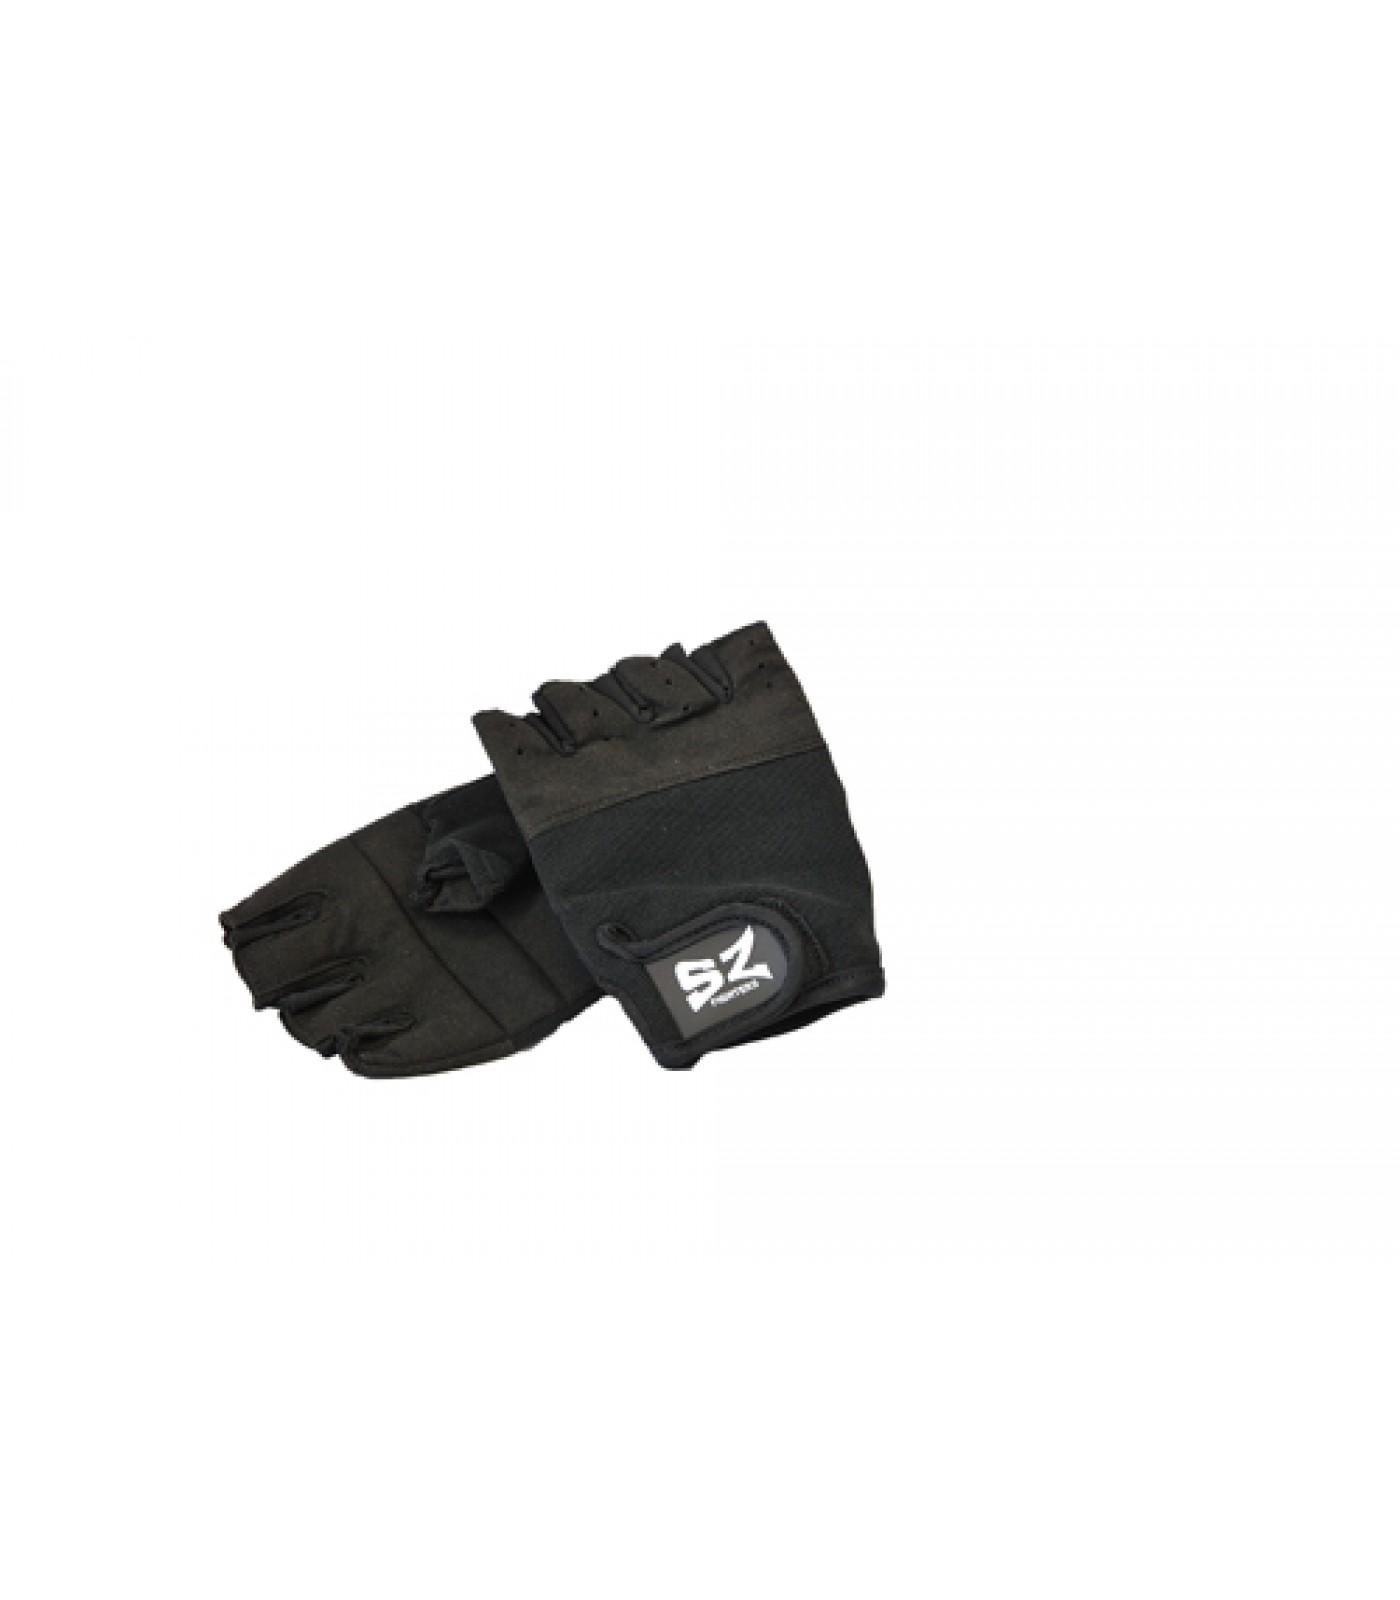 SZ Fighters - Фитнес ръкавици - черни